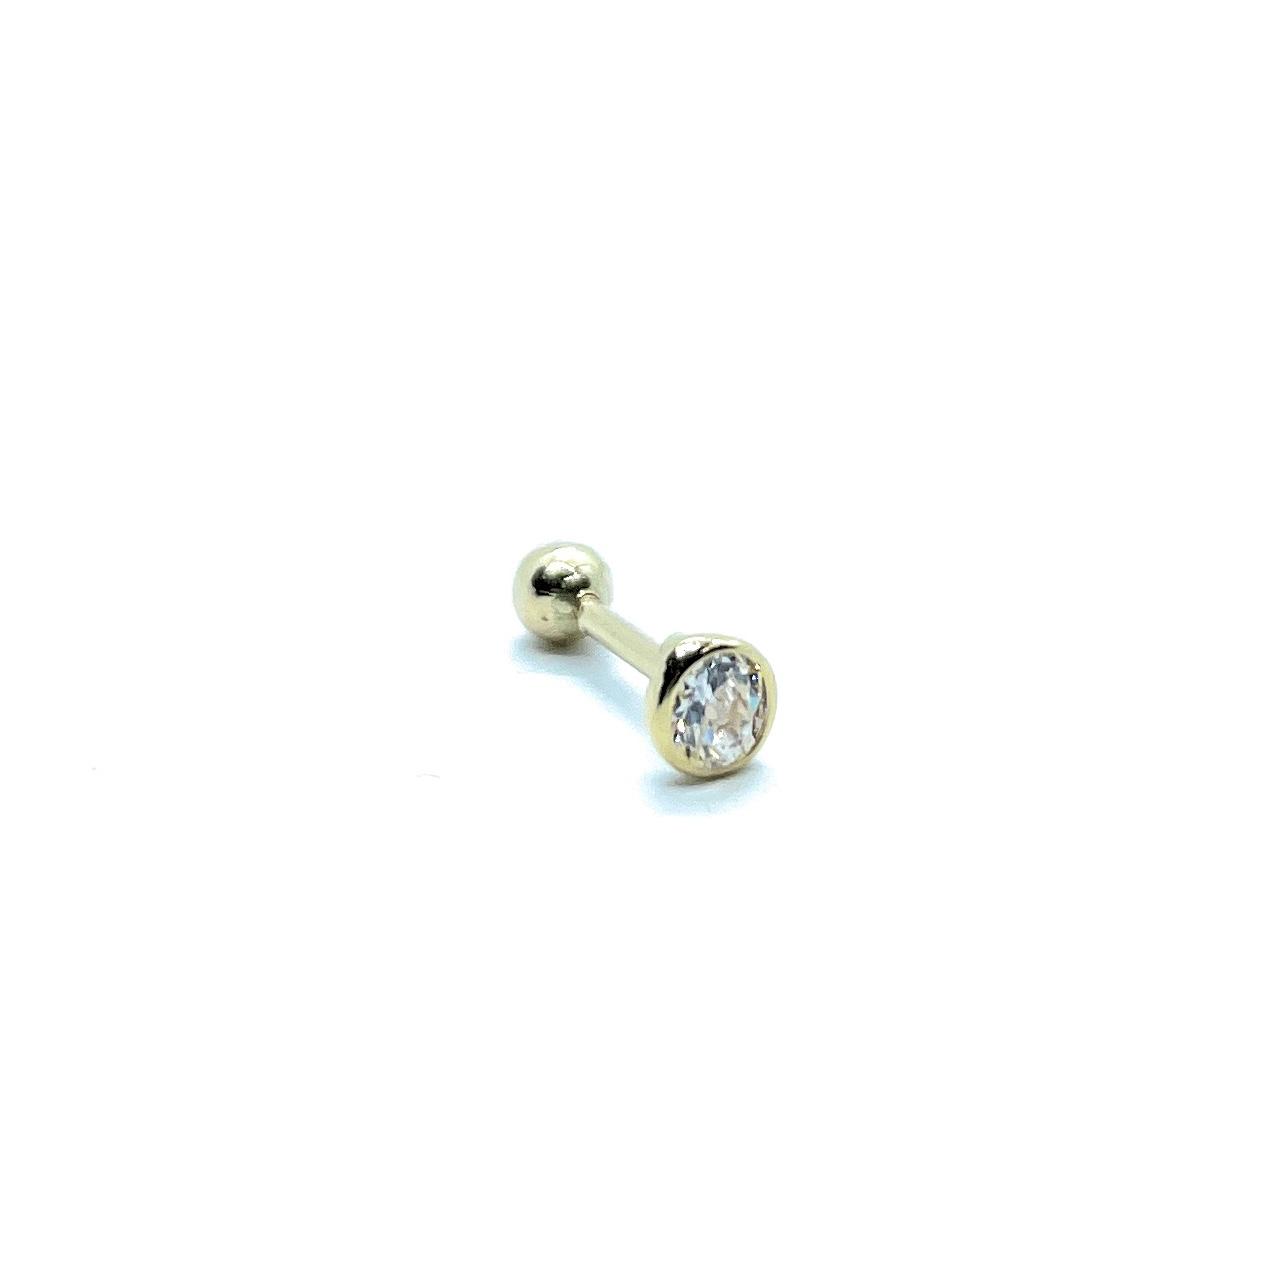 Piercing Ponto De Luz Cravação Inglesa 4 Milimetros Cartilagem Trágus Ouro 18K 25788